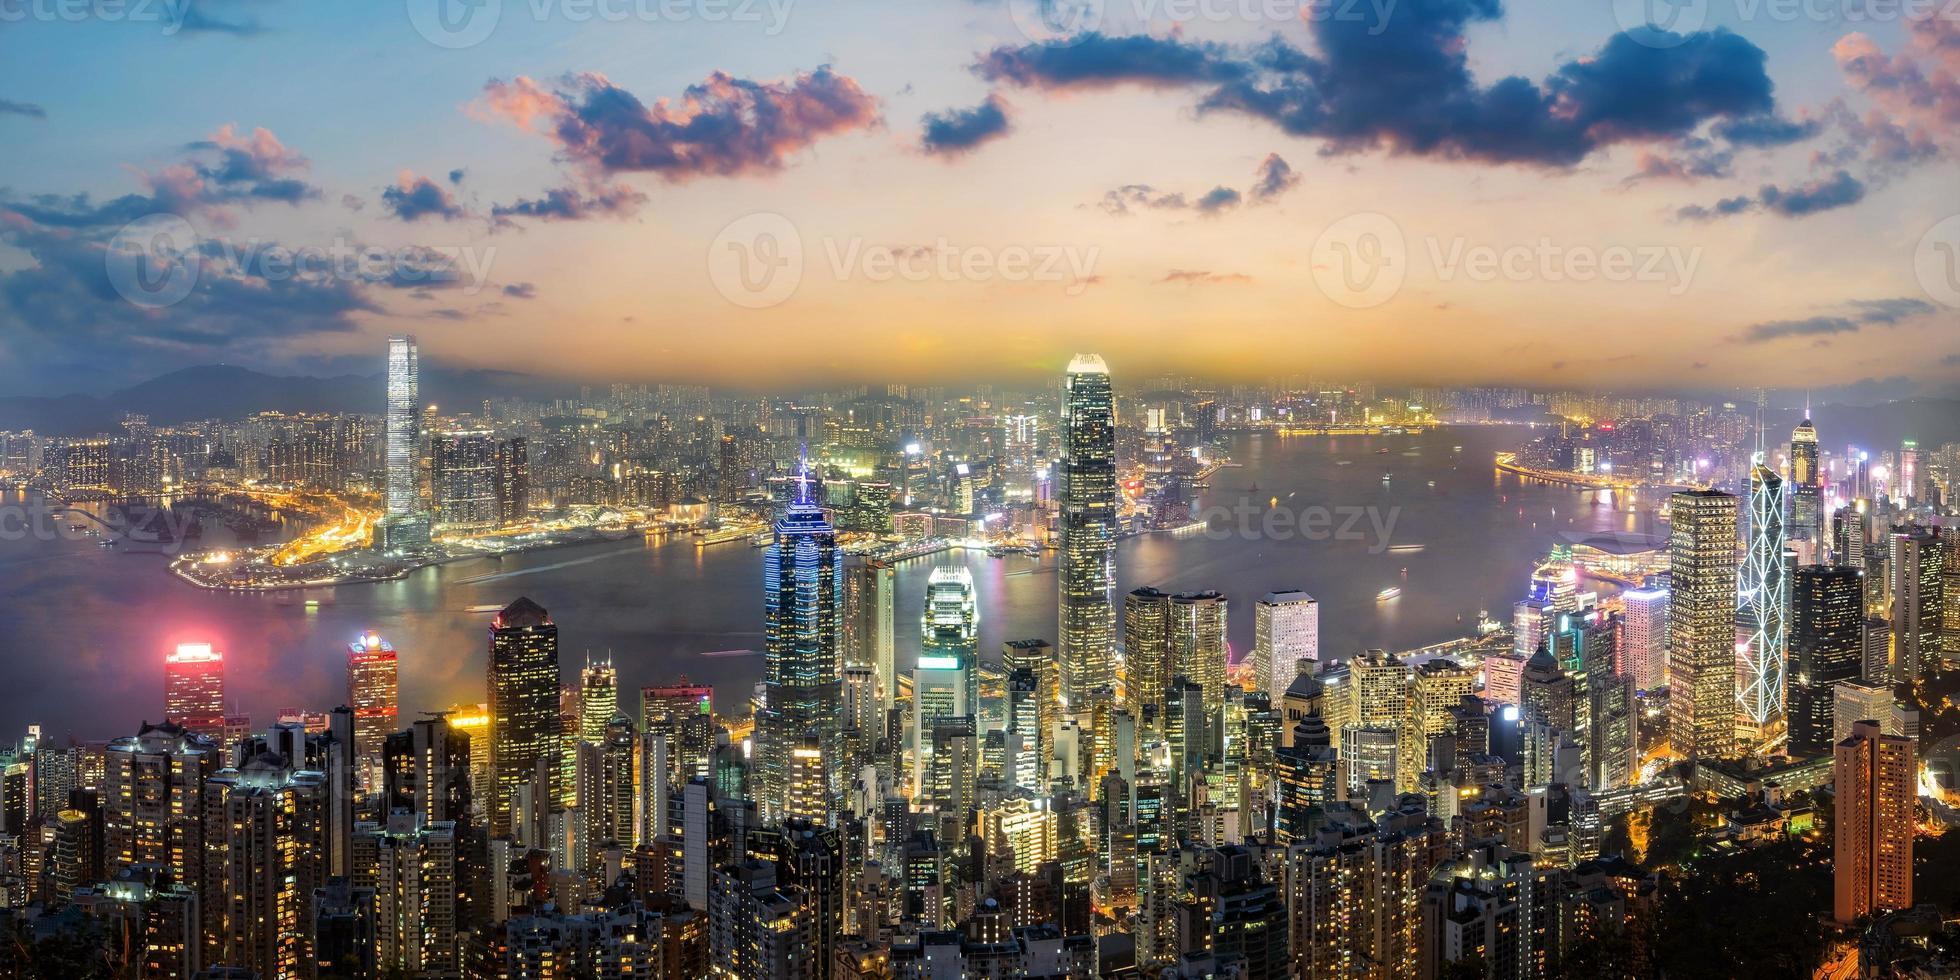 Vue panoramique sur les toits de Hong Kong, Chine photo